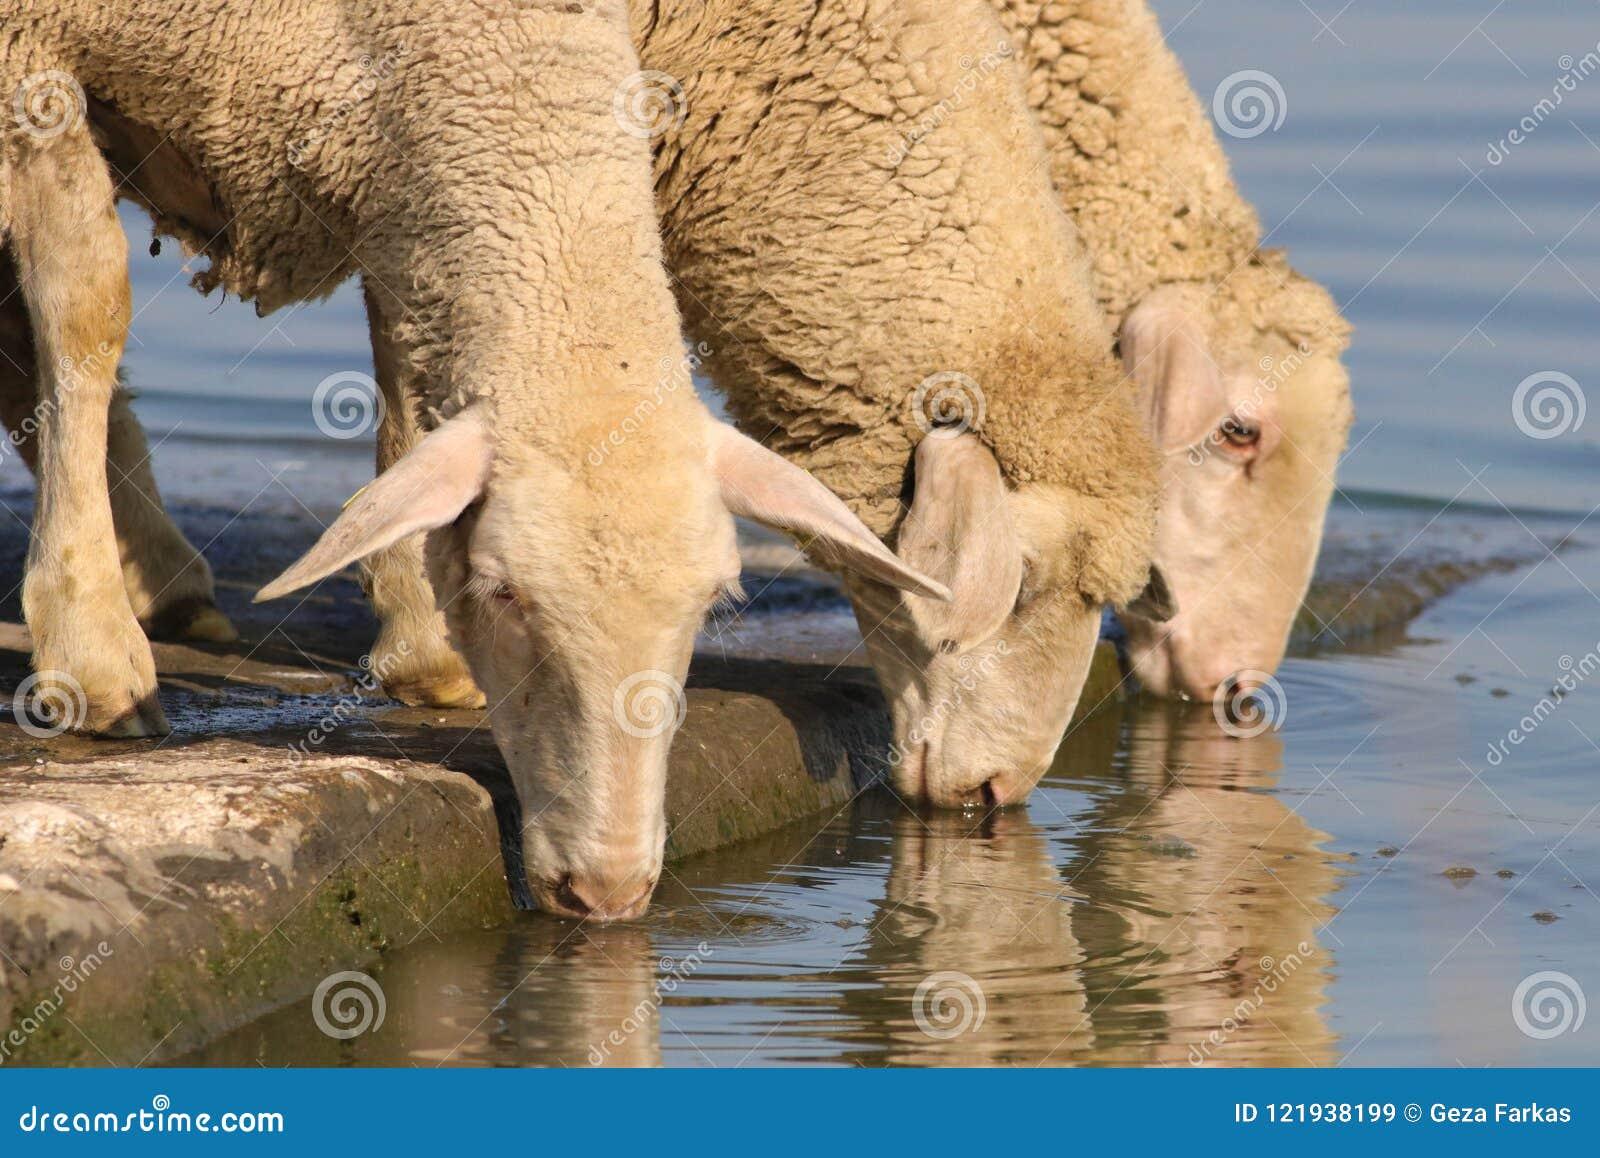 Tres ovejas sedientas en el lugar de riego